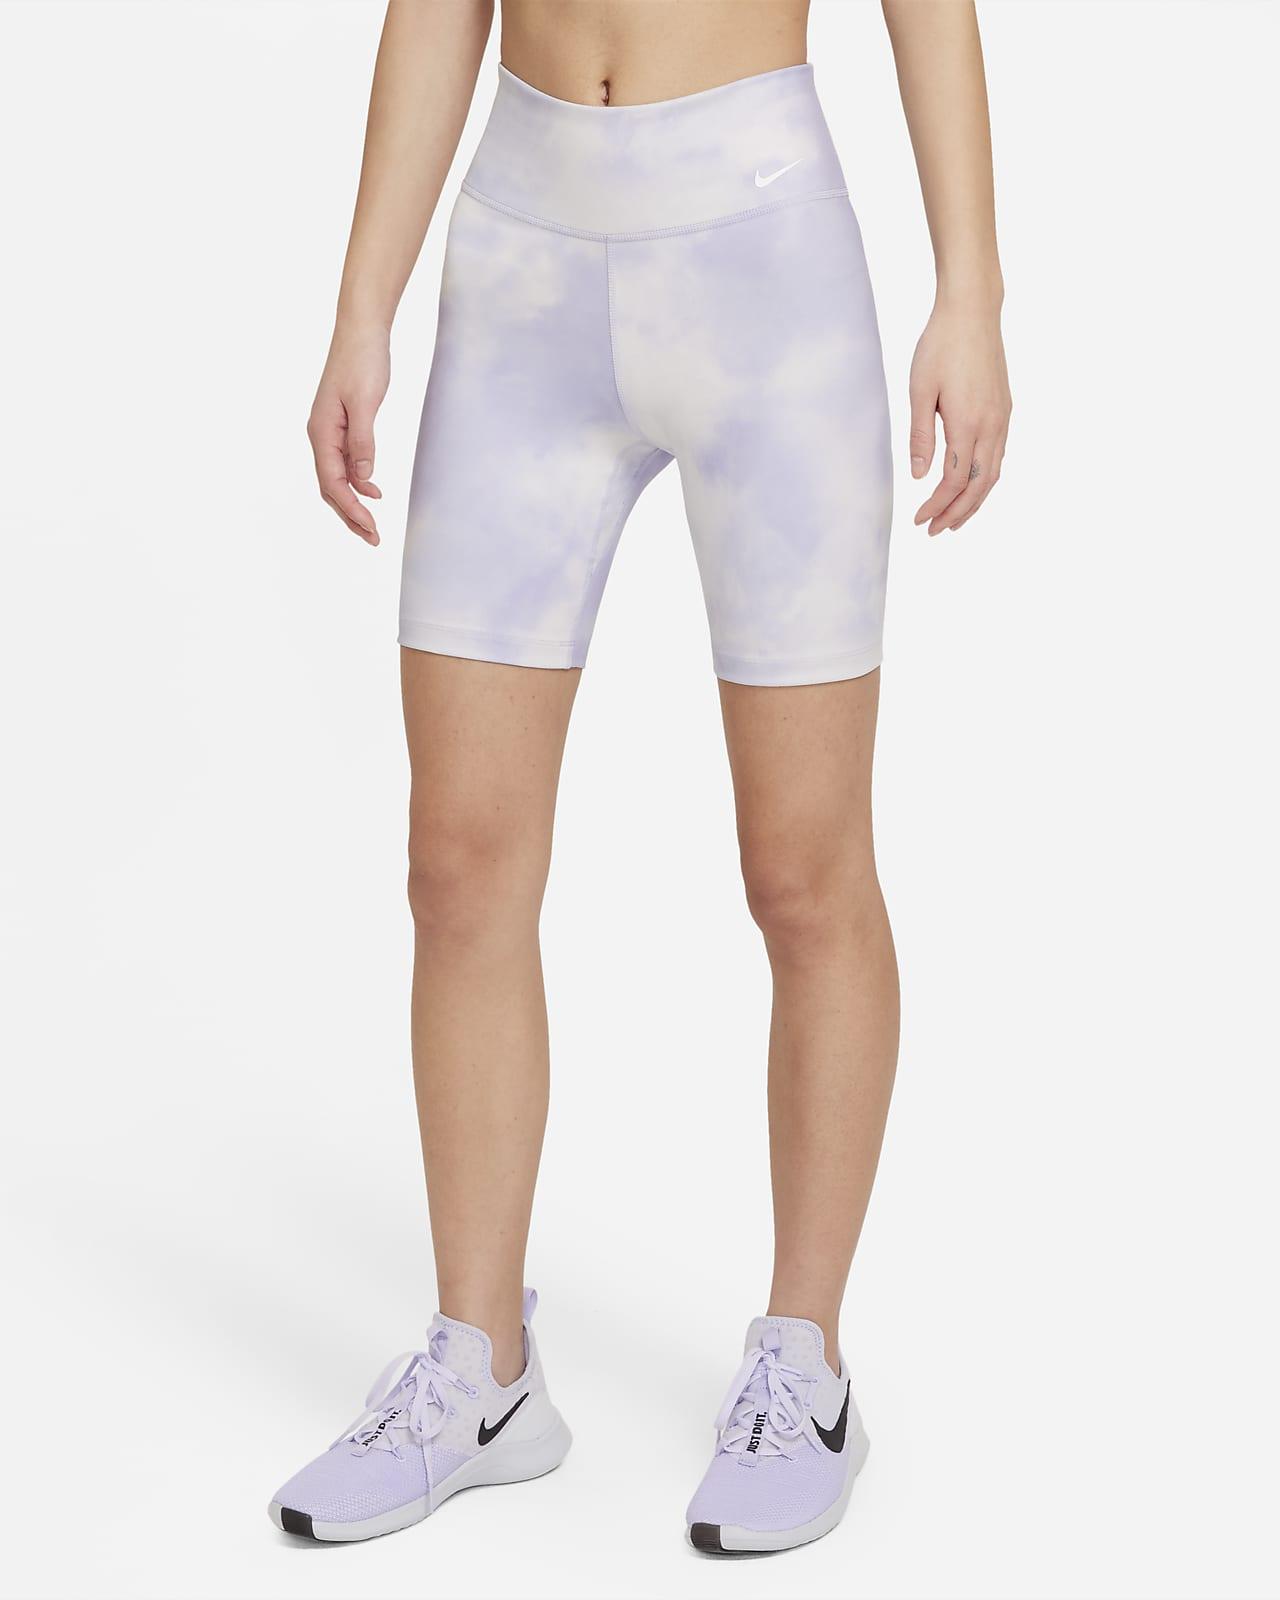 กางเกงขาสั้น 7 นิ้วผู้หญิงพิมพ์ลาย Nike One Icon Clash